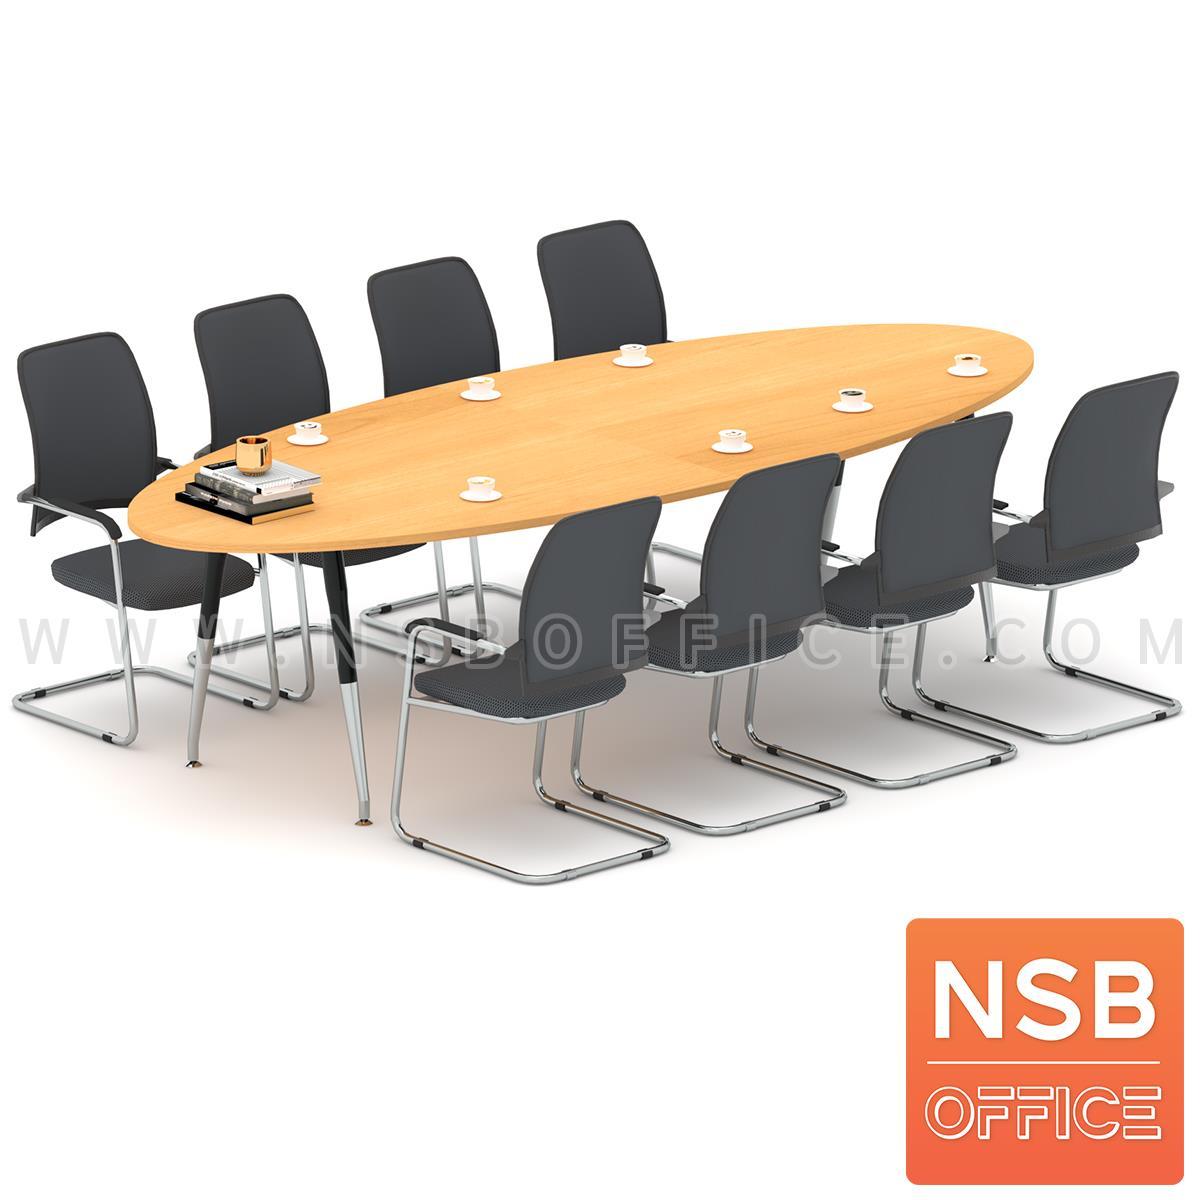 A05A235:โต๊ะประชุมทรงวงรี รุ่น Malik (มาลิค) ขนาด 300W cm. ขาเหล็กปลายเรียว